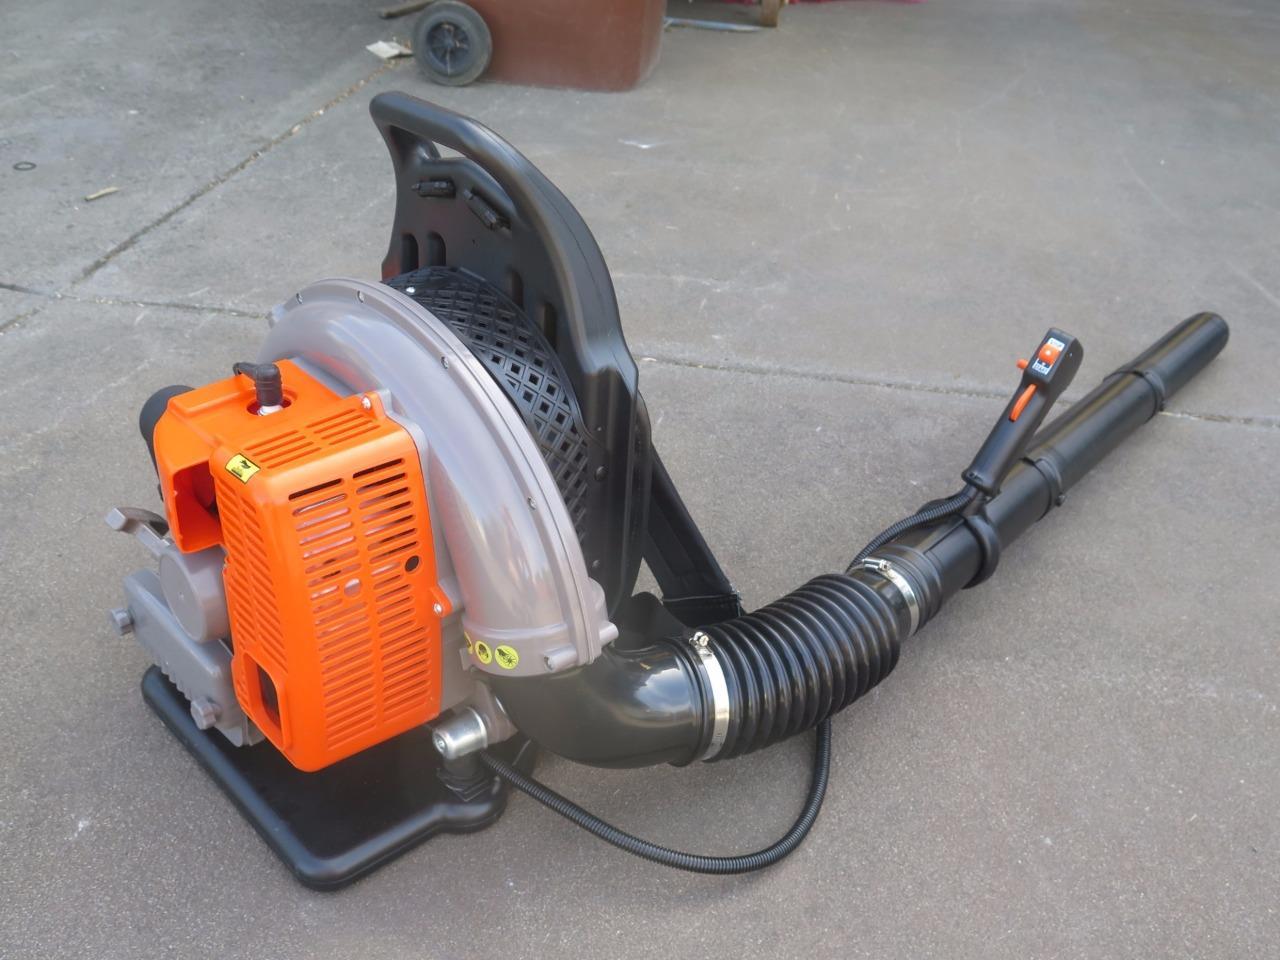 Commercial 65cc 2 Stroke Lightweight Backpack Leaf Garden